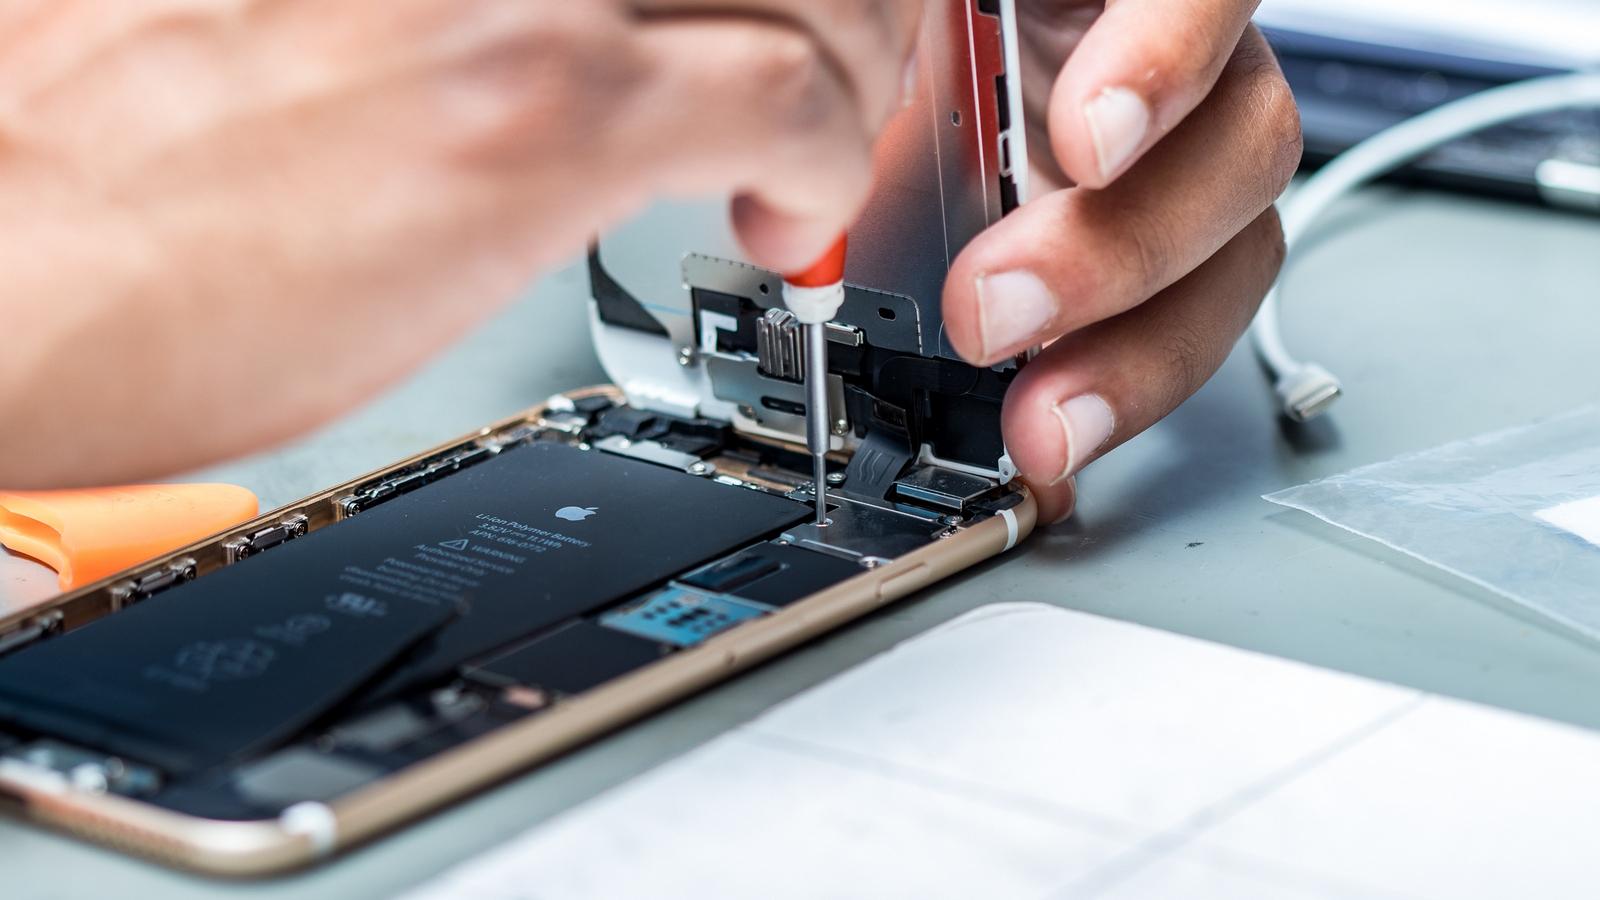 Отремонтированные iPhone начали продавать в России